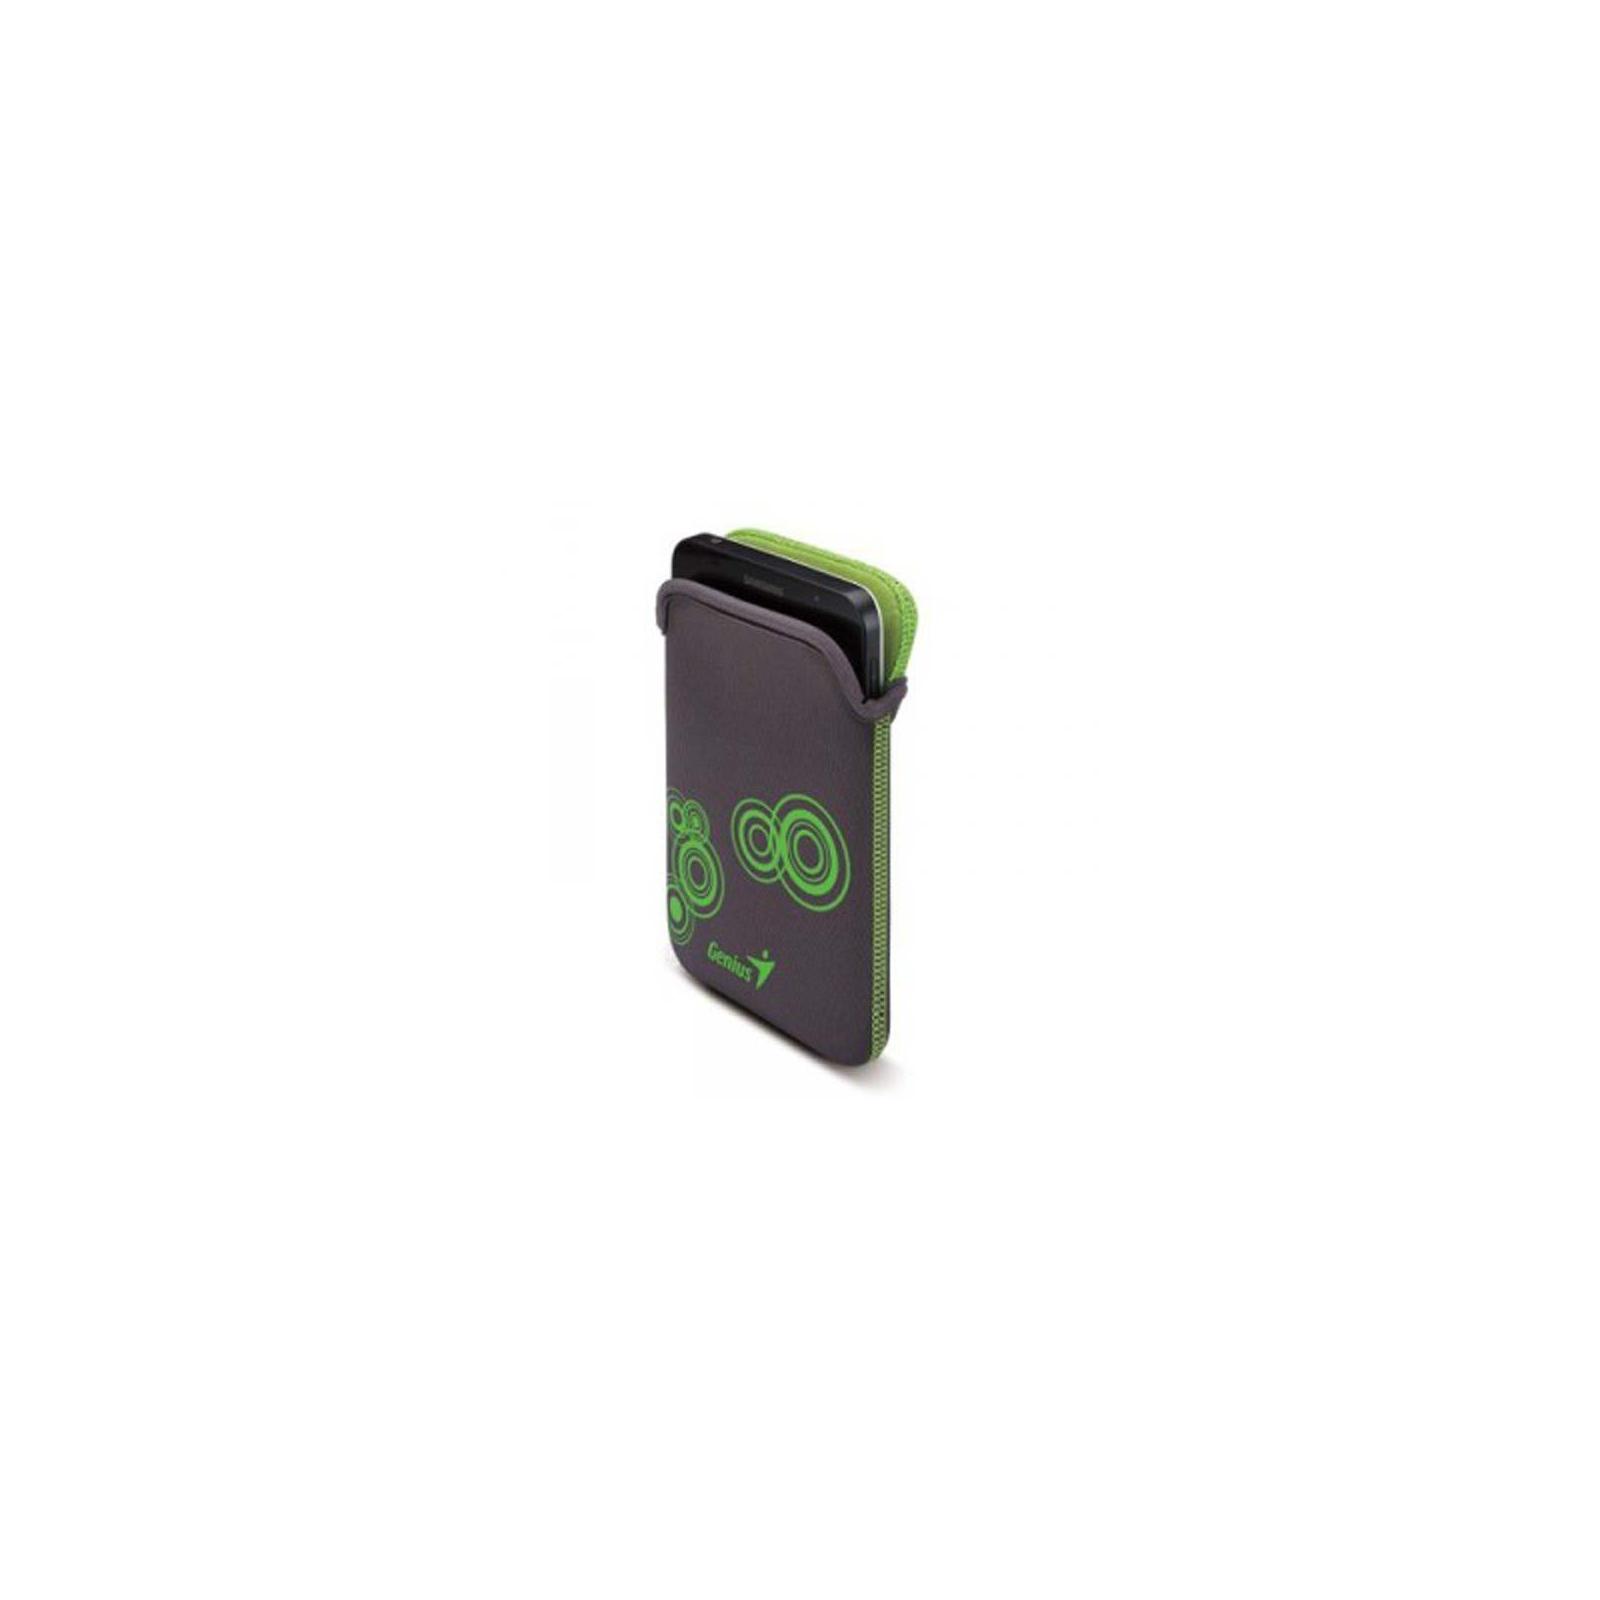 """Чехол для планшета Genius 7"""" GS-701 Gray+Green (39700009102) изображение 2"""